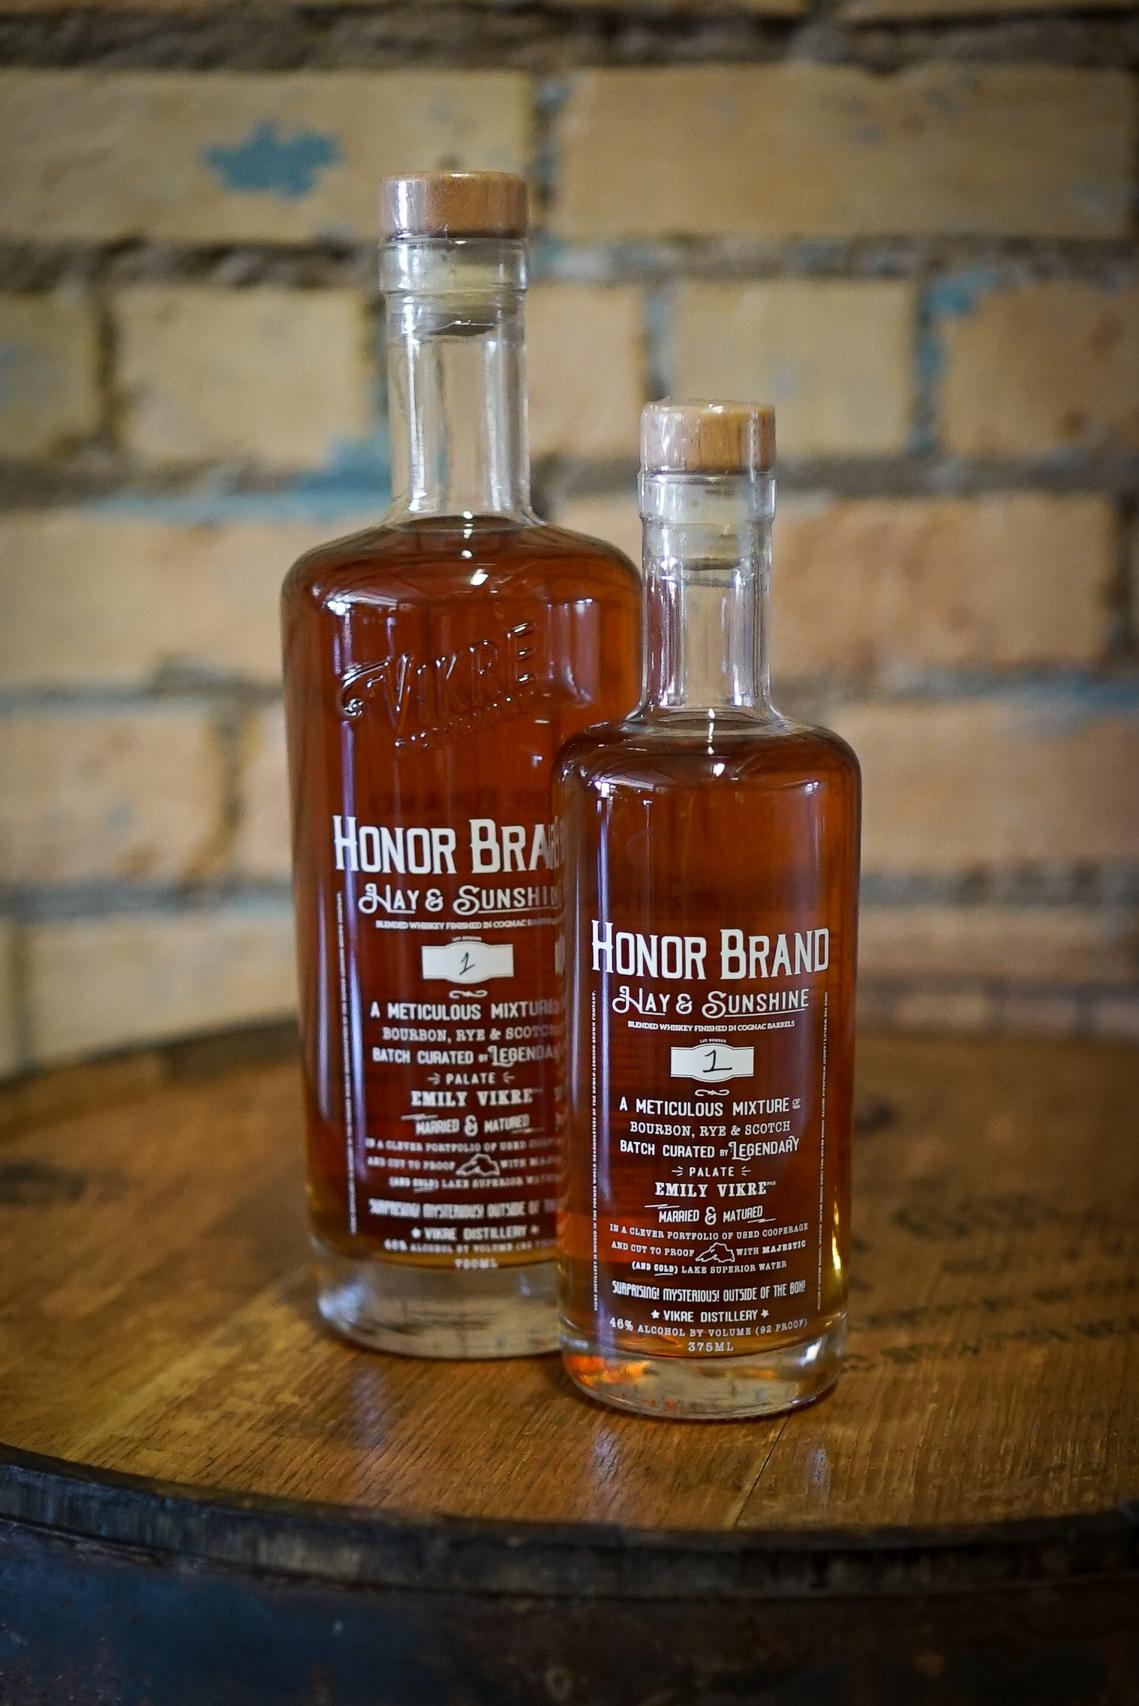 044_honor_brand_vikre_distillery_07272017.jpg